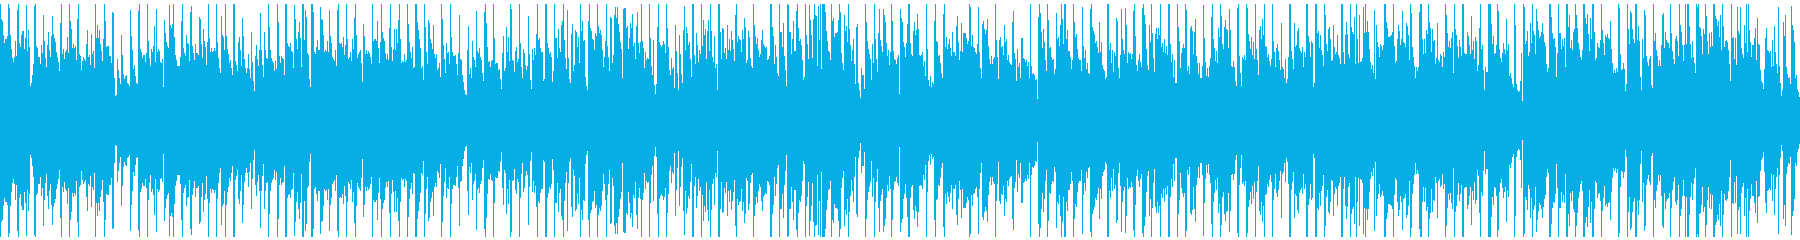 爽やかお洒落なクラブジャズ ※ループ版の再生済みの波形